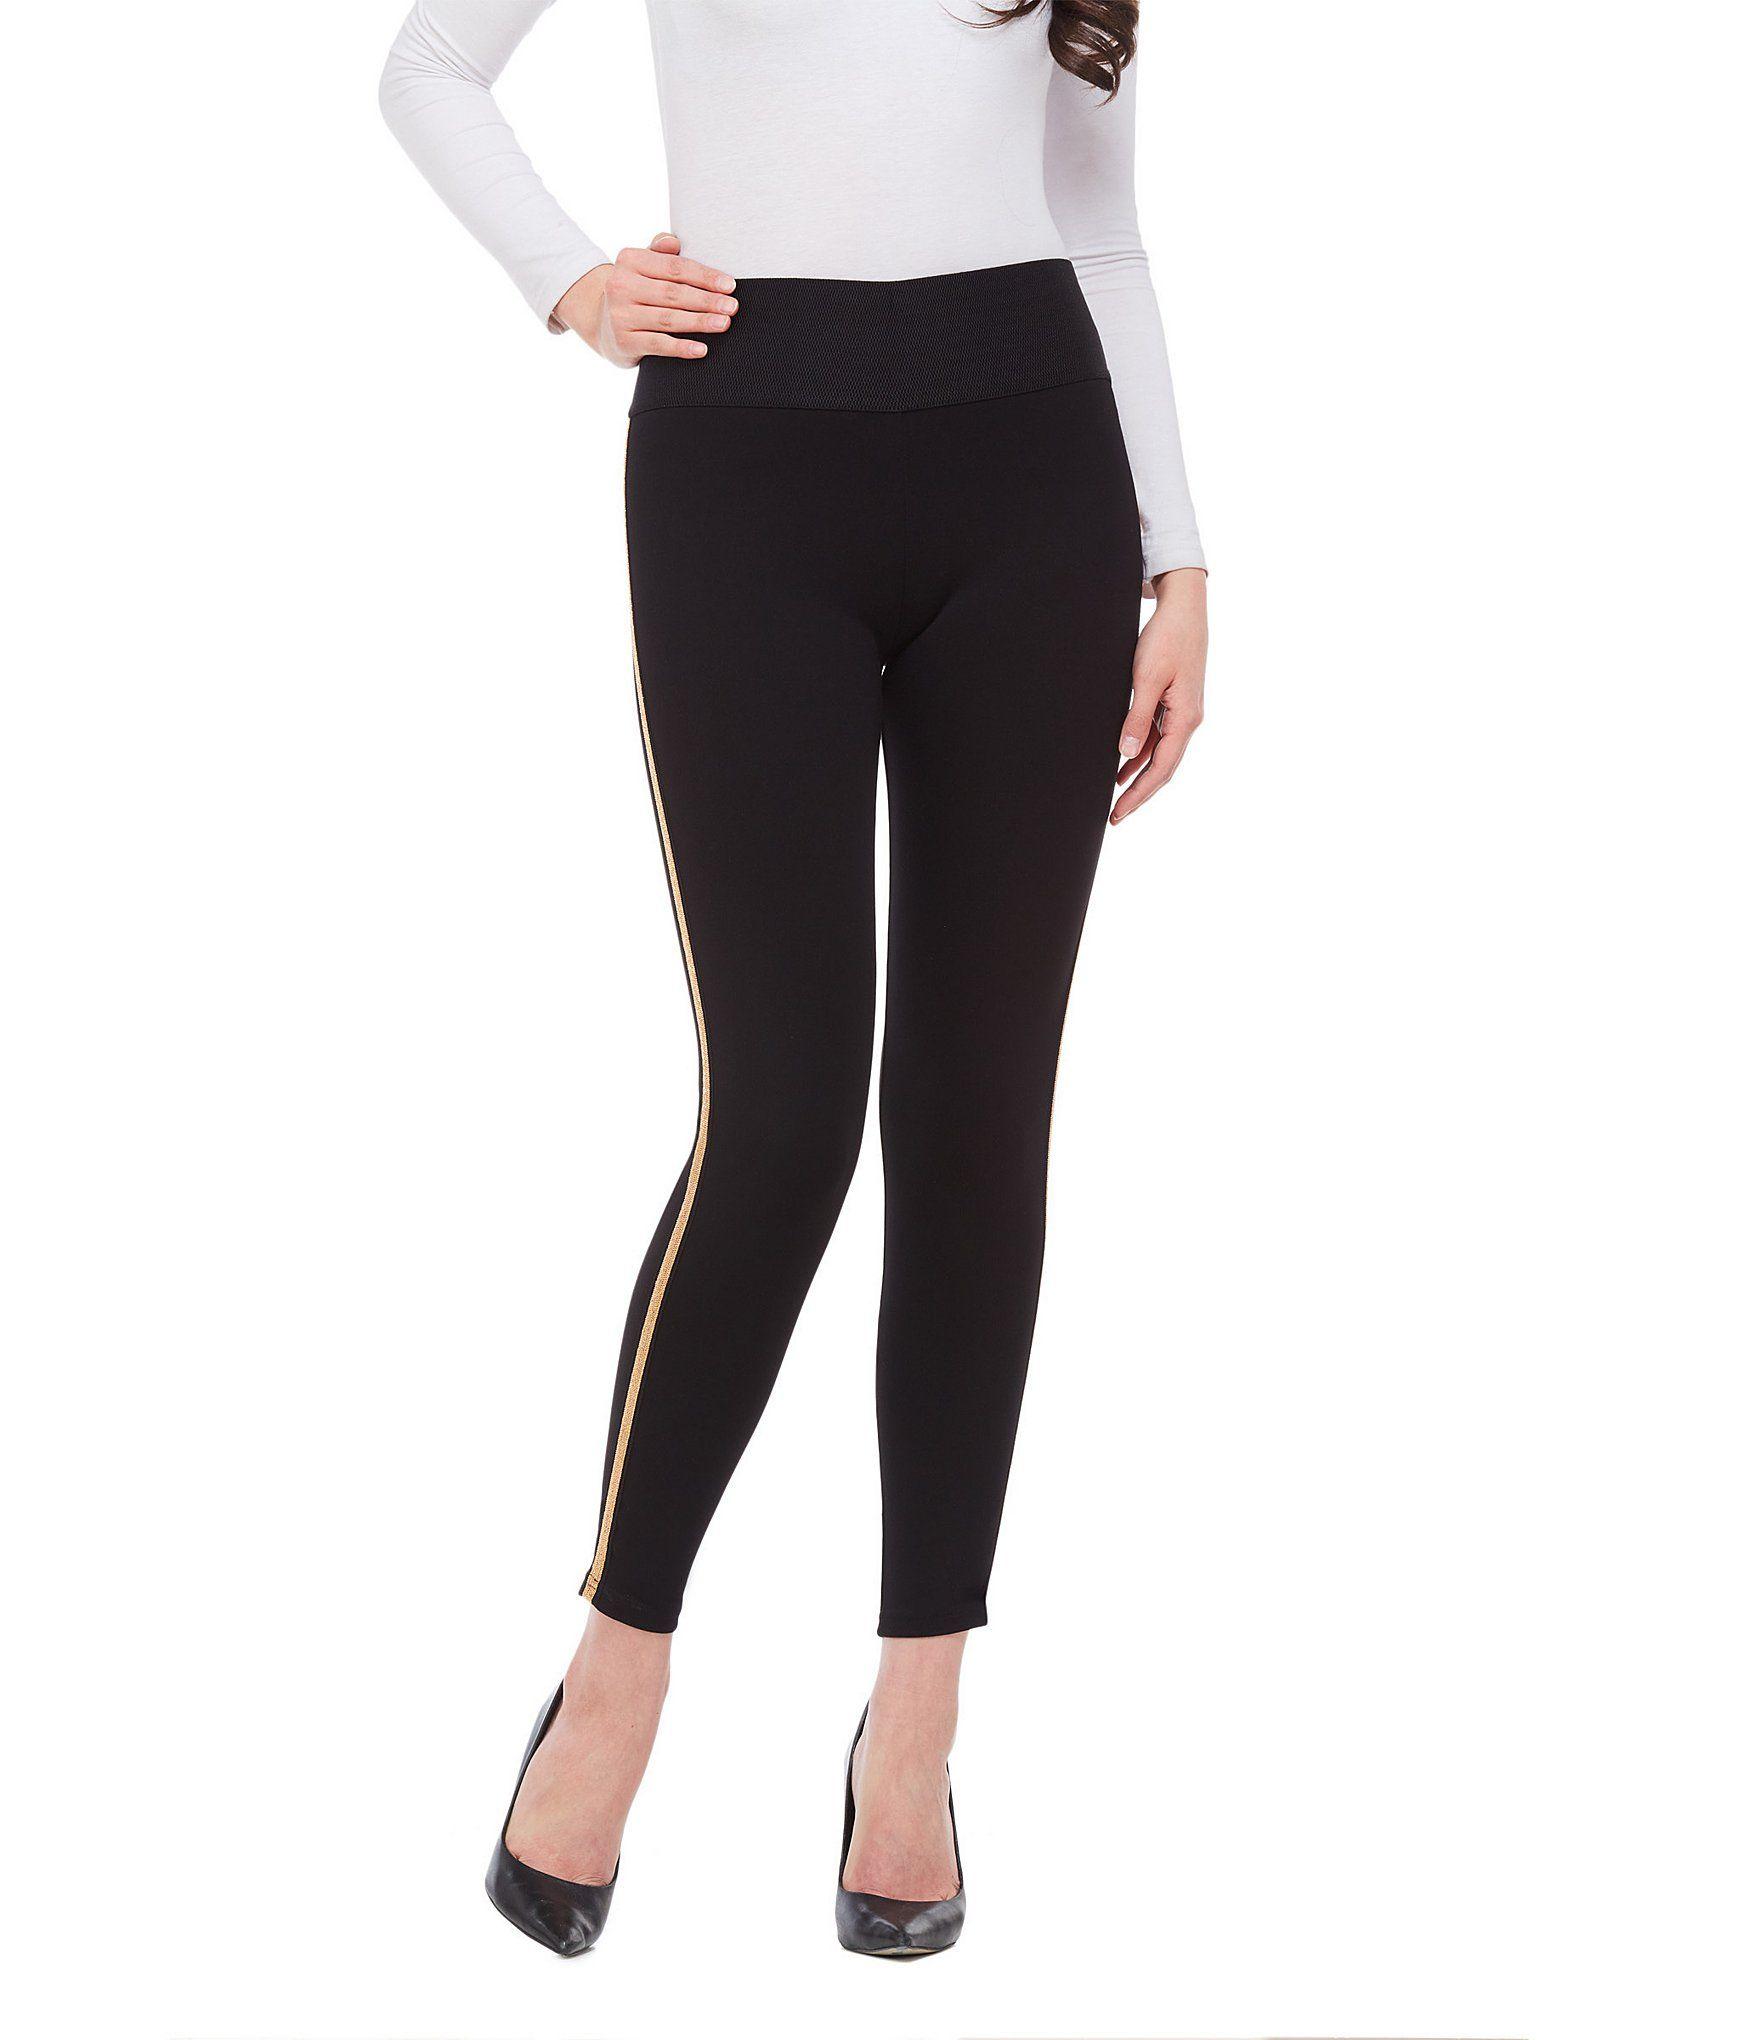 Peter Nygard SLIMS Luxe Ponte Shimmer Tape Beaded Metallic Tuxedo Side Stripe Leggings - Black/Gold S #stripedleggings